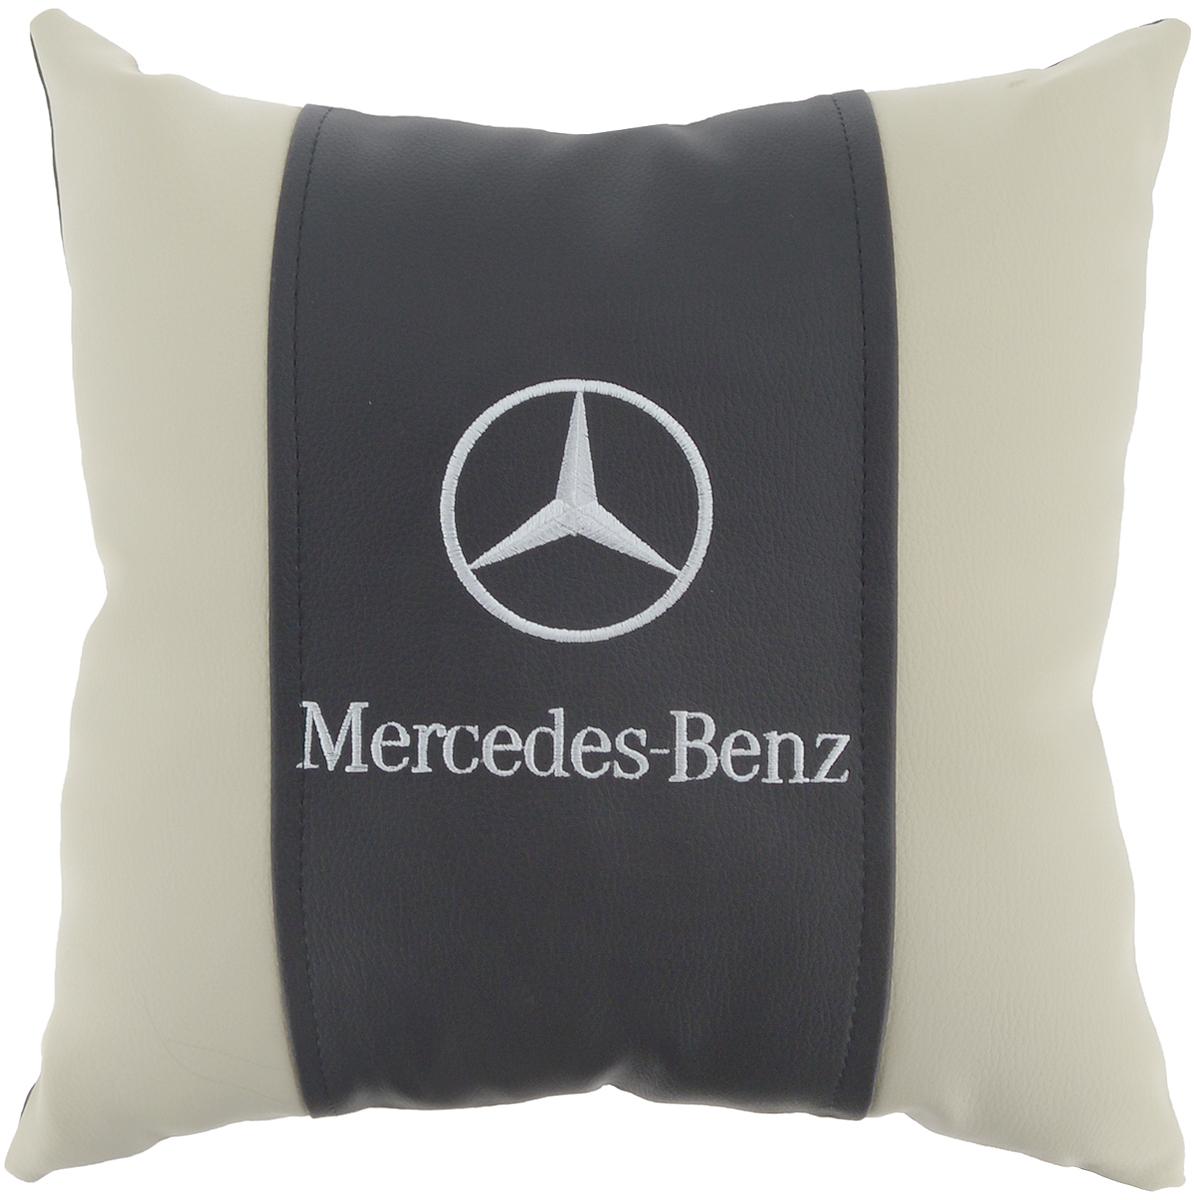 Подушка на сиденье Autoparts Mercedes, 30 х 30 см80625Подушка на сиденье Autoparts Mercedes создана для тех, кто весь свой день вынужден проводить за рулем. Чехол выполнен из высококачественной дышащей экокожи. Наполнителем служит холлофайбер. На задней части подушки имеется змейка.Особенности подушки:- Хорошо проветривается.- Предупреждает потение.- Поддерживает комфортную температуру.- Обминается по форме тела.- Улучшает кровообращение.- Исключает затечные явления.- Предупреждает развитие заболеваний, связанных с сидячим образом жизни. Подушка также будет полезна и дома - при работе за компьютером, школьникам - при выполнении домашних работ, да и в любимом кресле перед телевизором.